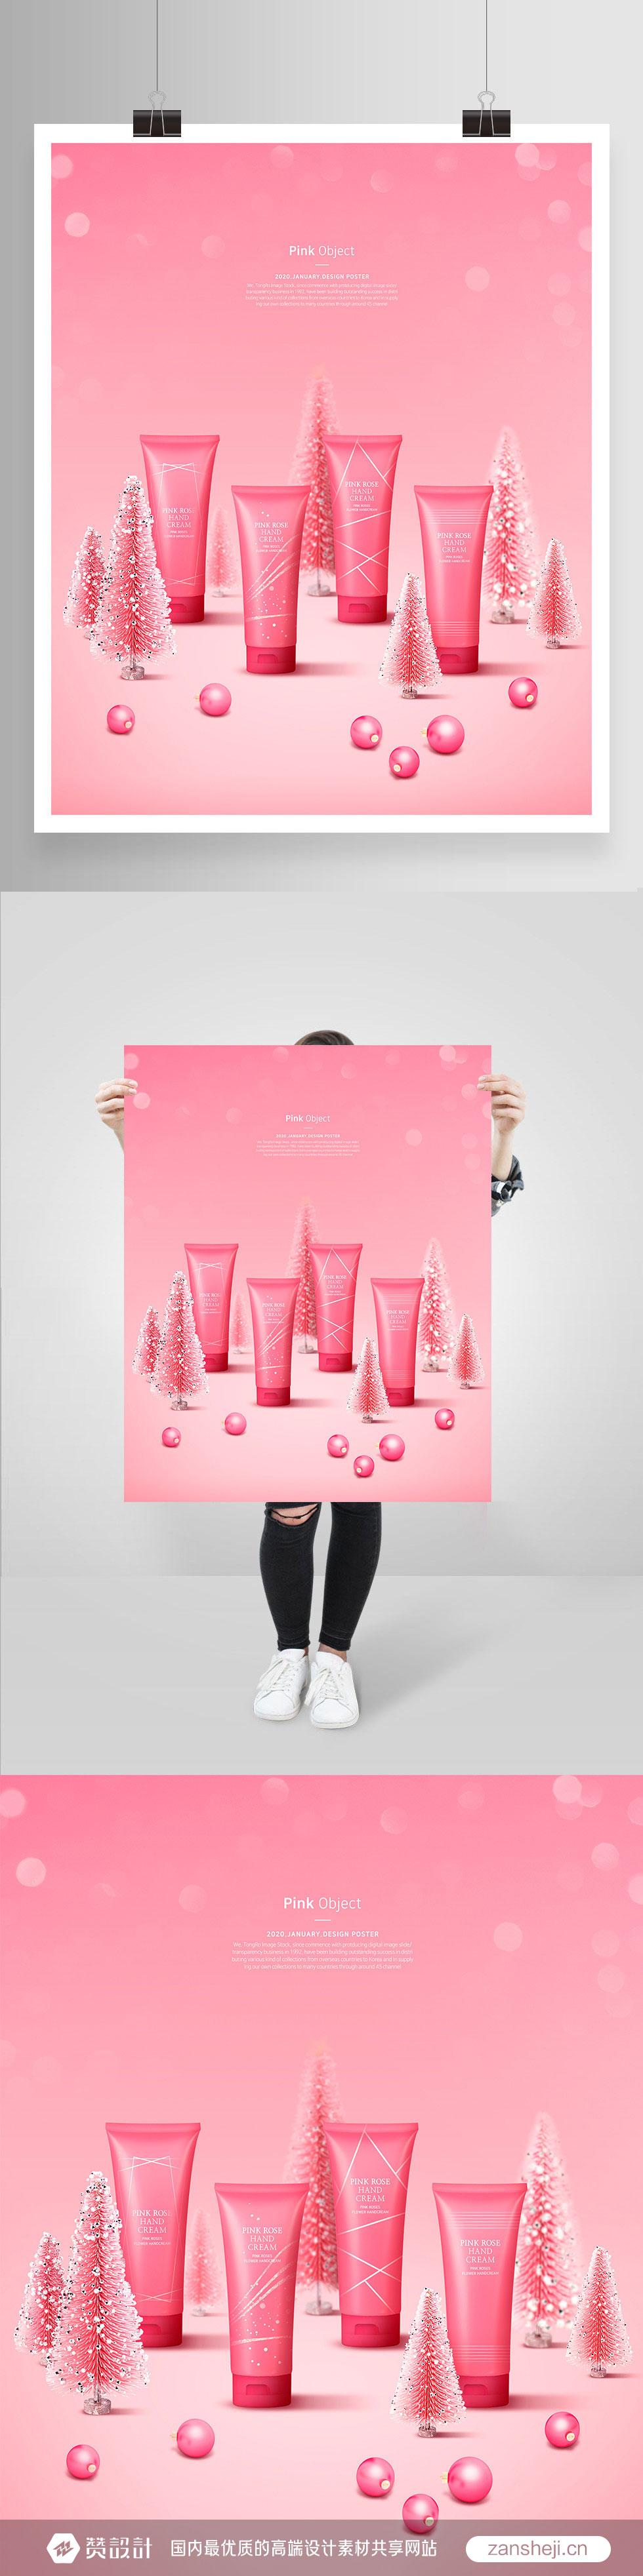 粉色情人节礼物香水化妆品洗面奶海报psd分层设计素材